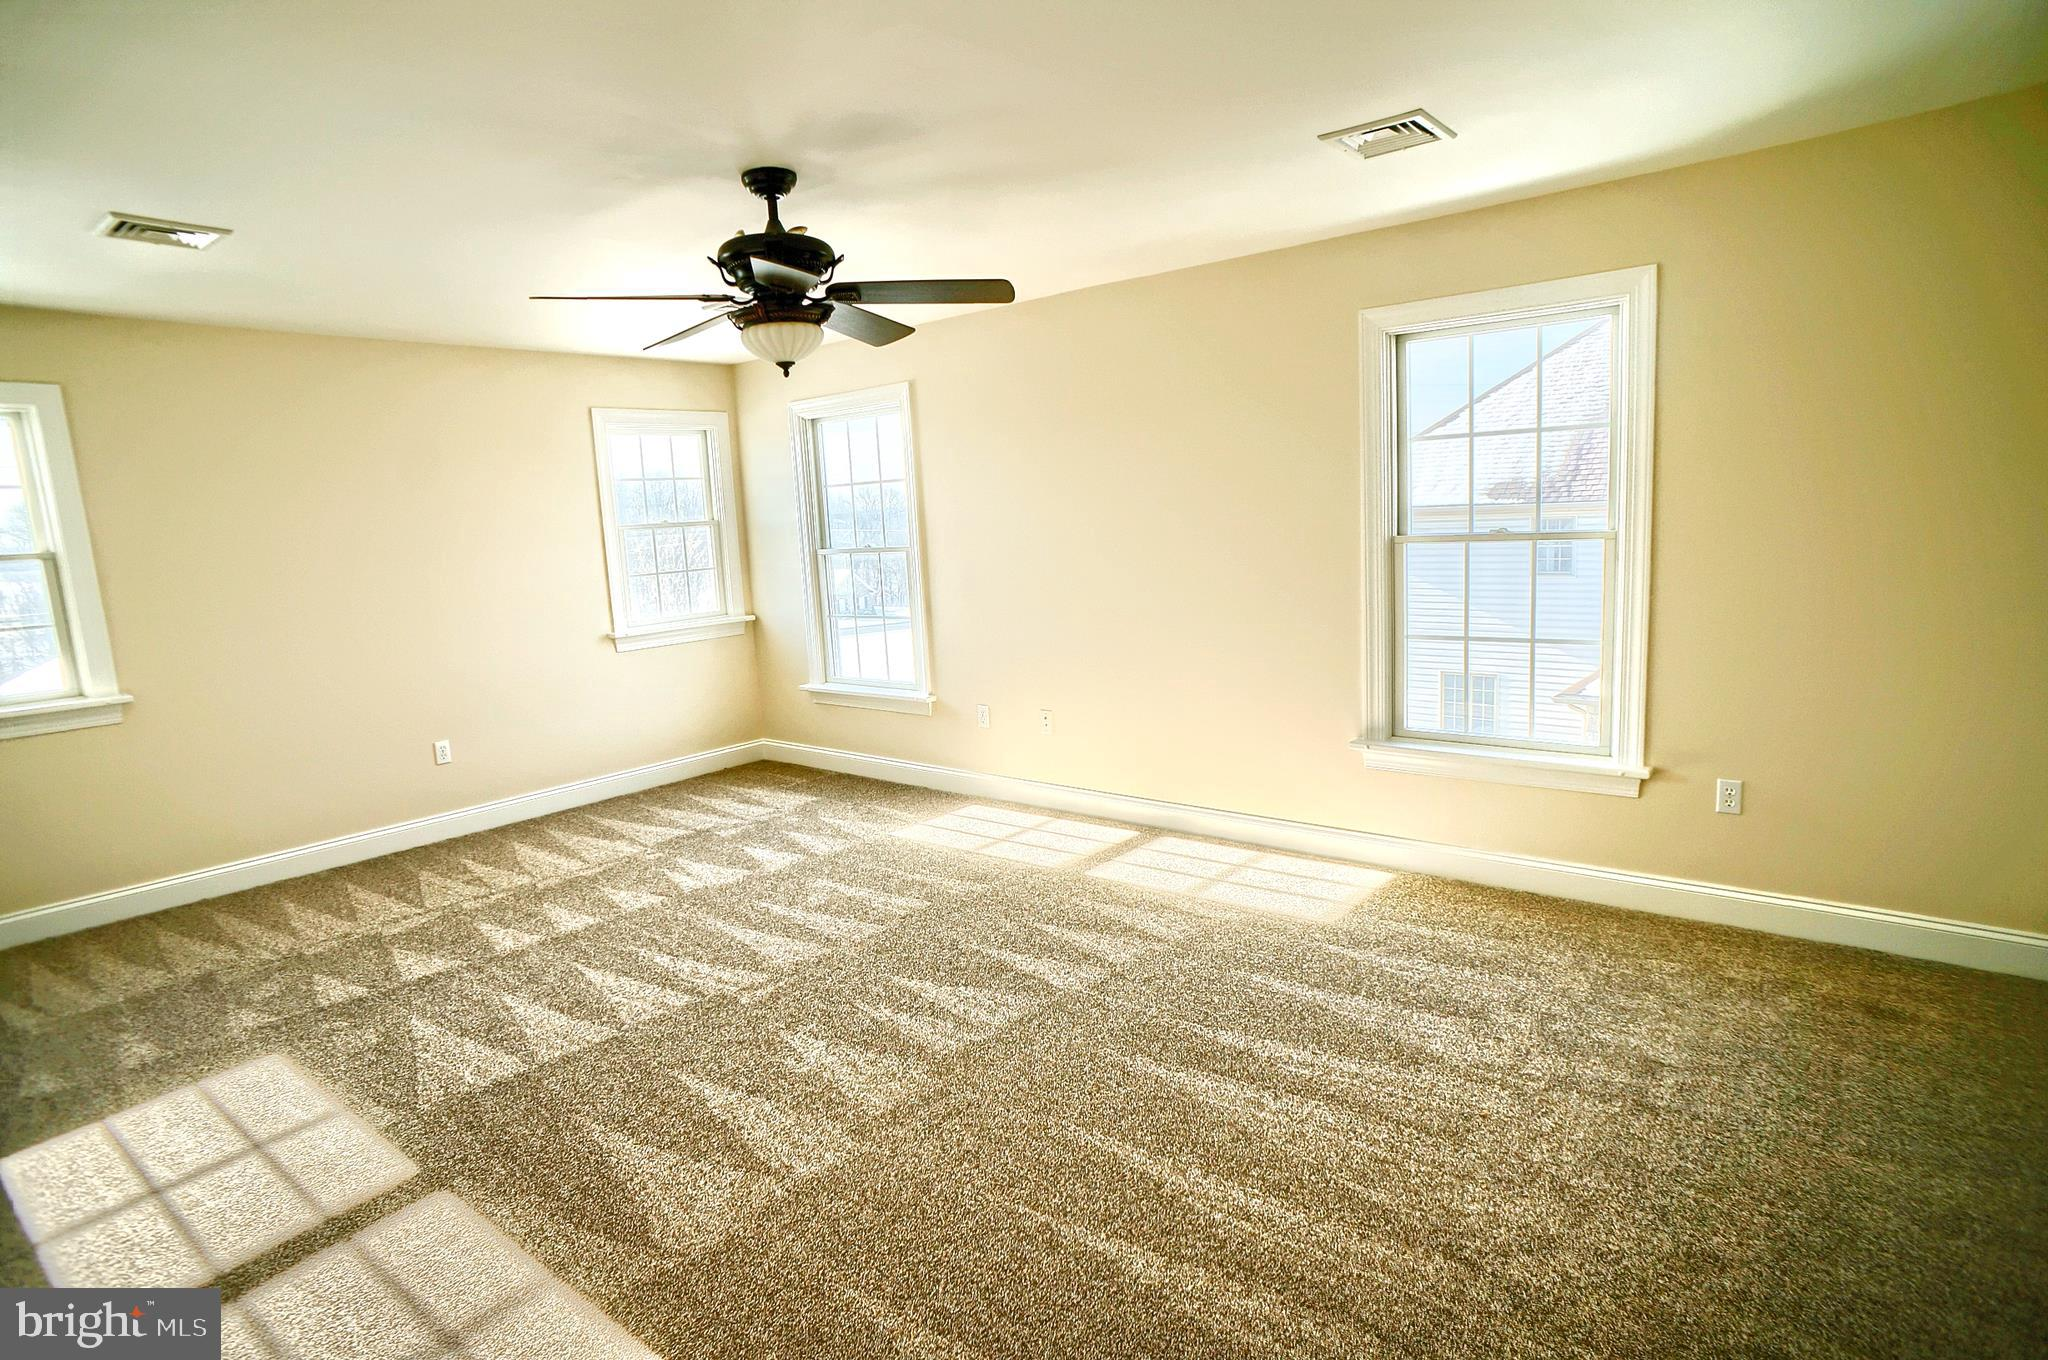 Master bedroom - 2nd floor